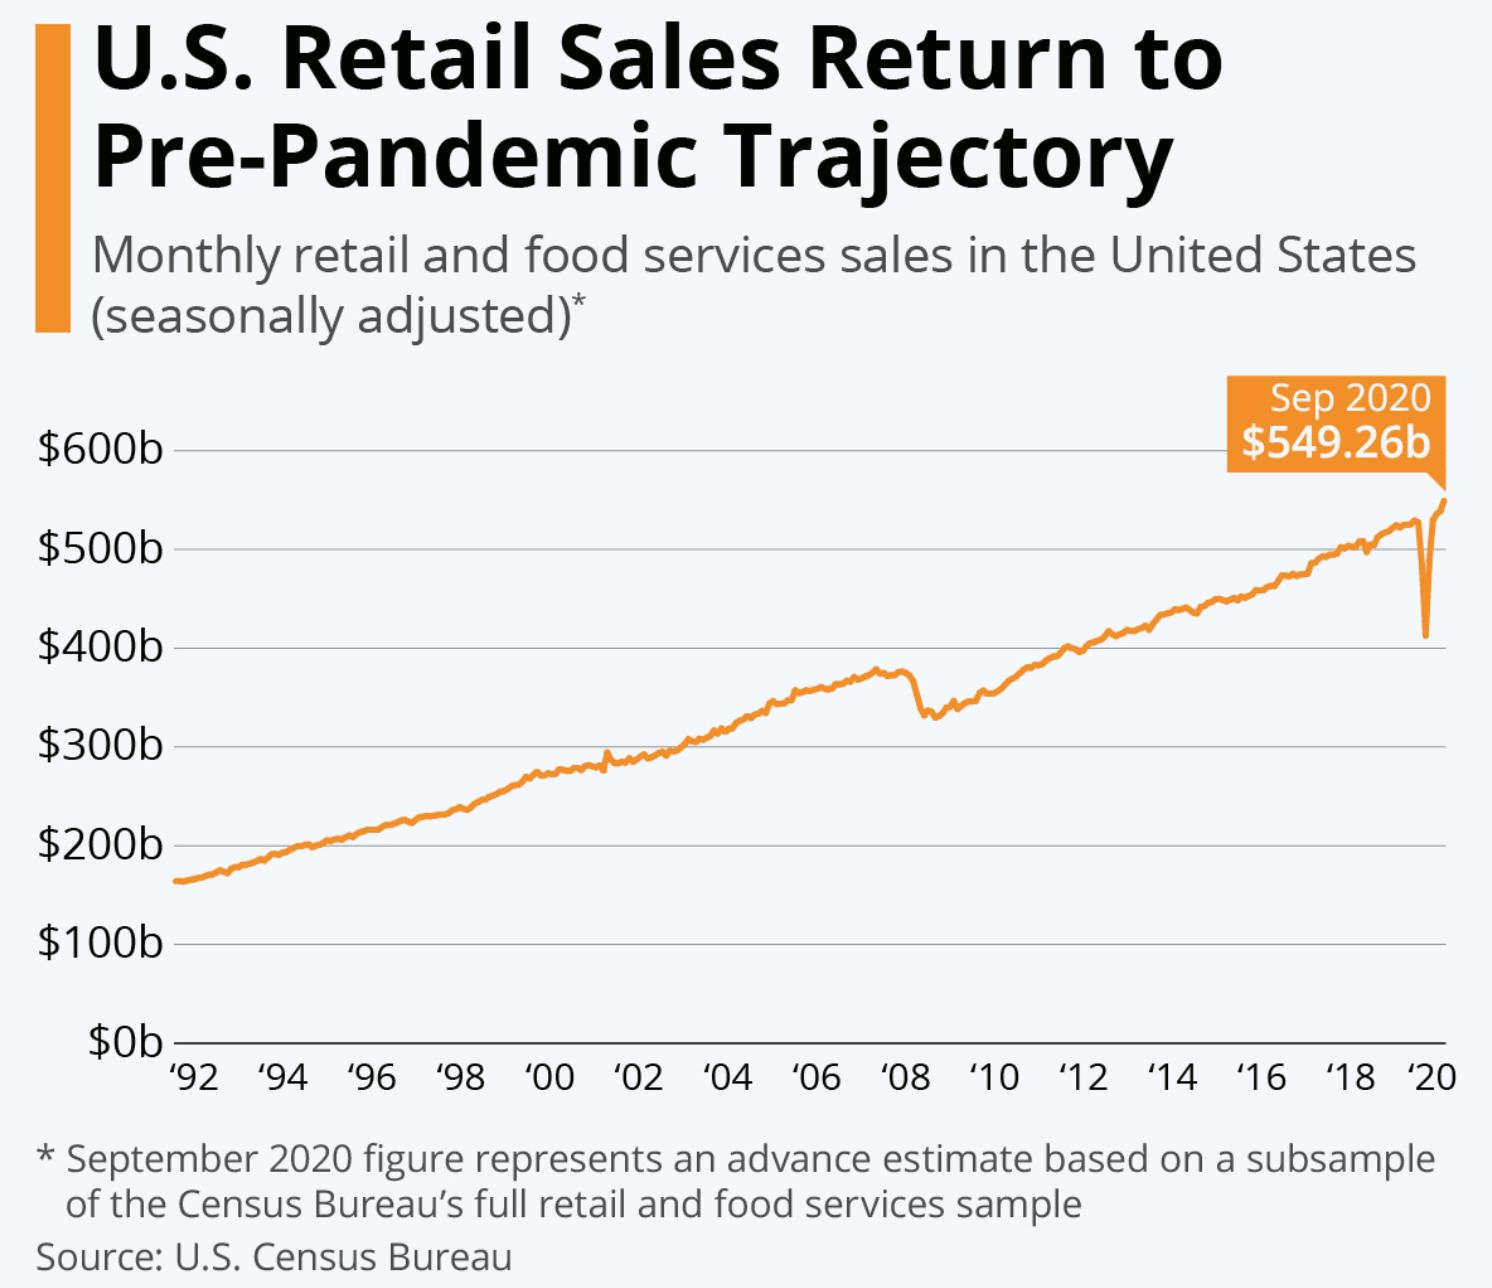 据美国人口普查局公布的预先估计,上个月零售和食品服务总销售额为5493亿美...